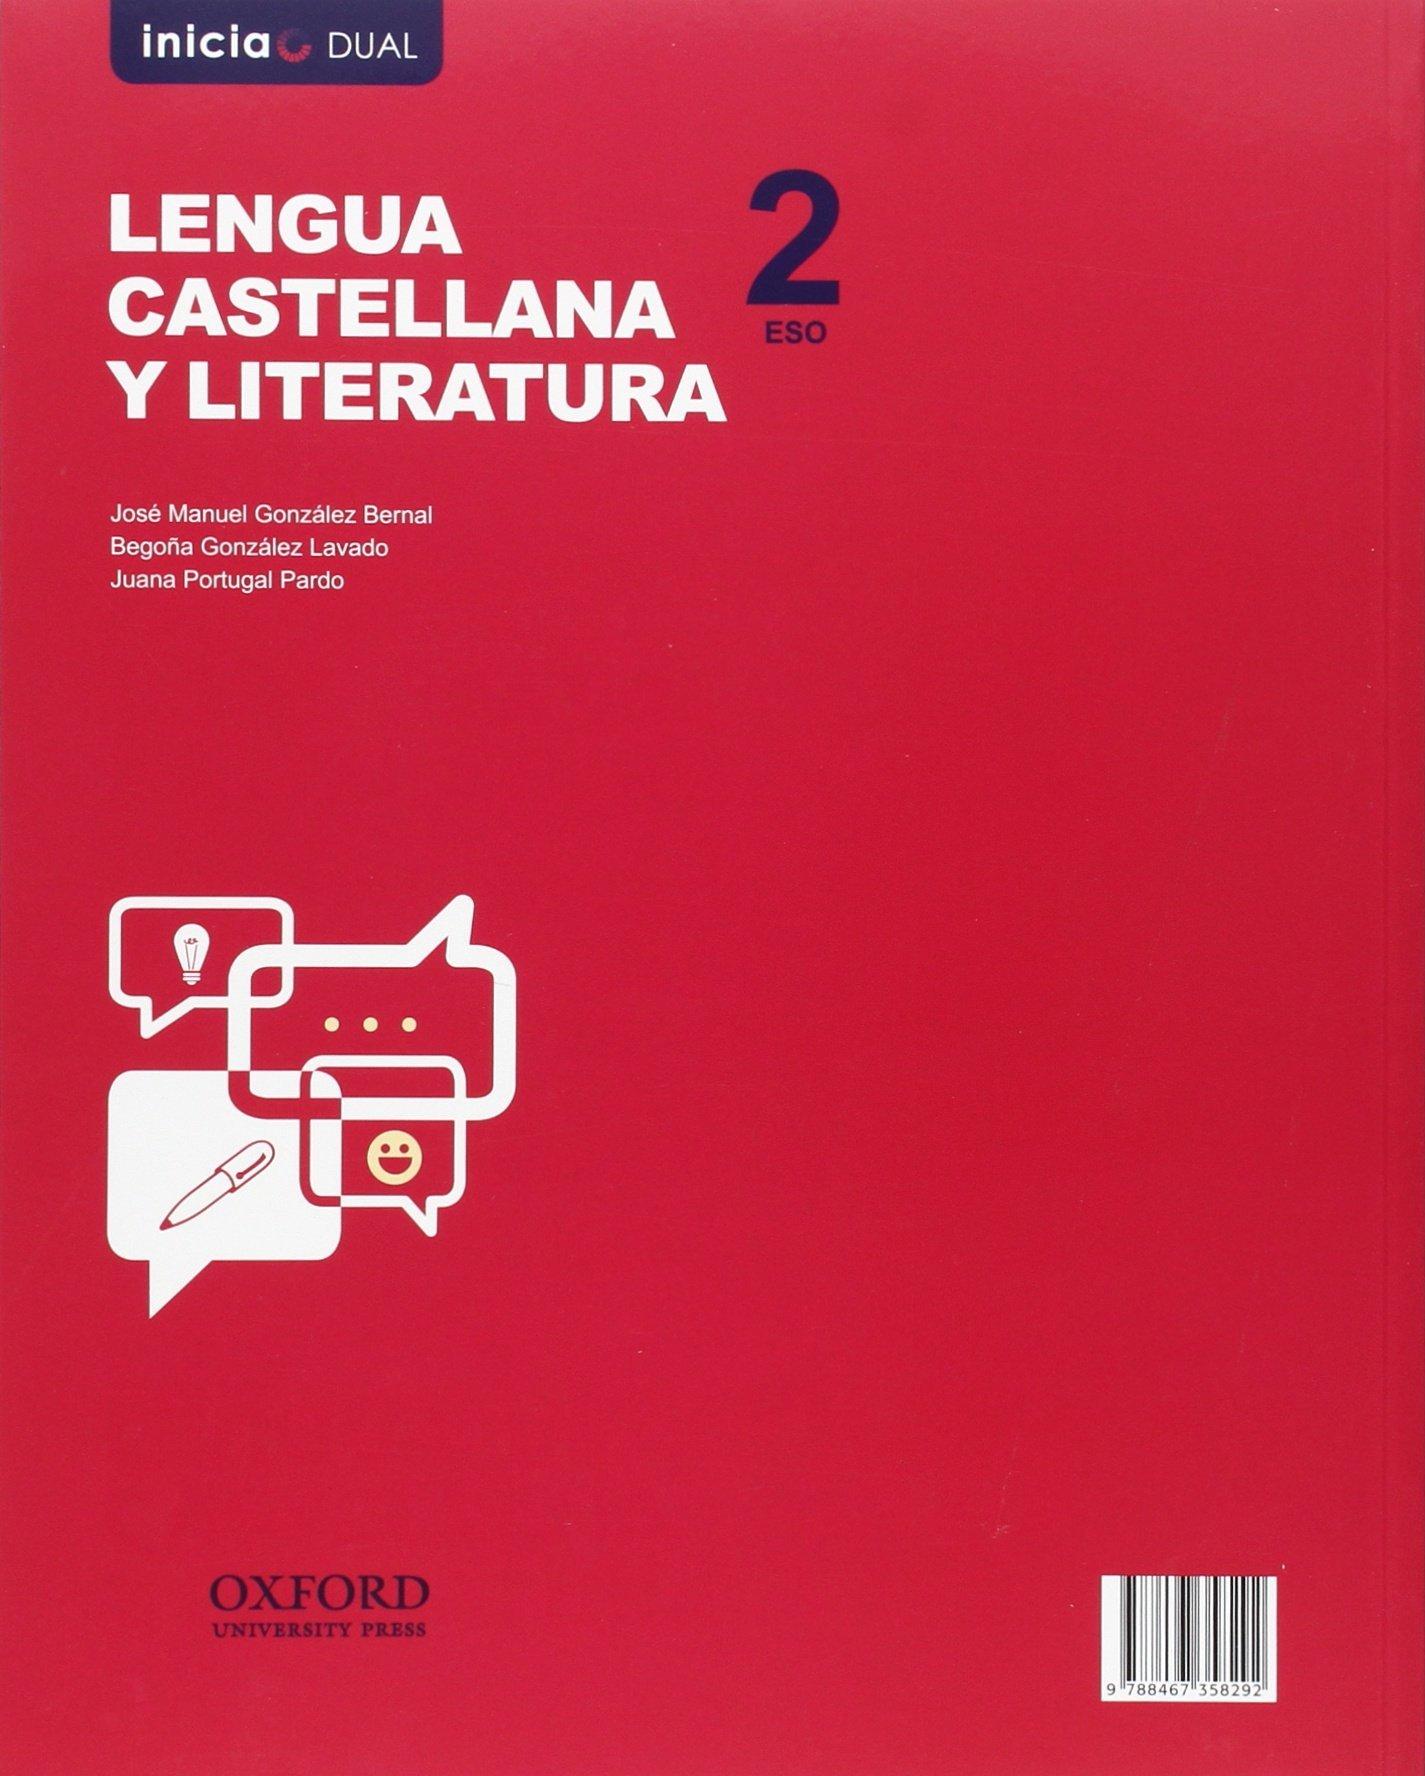 Inicia Dual Lengua Castellana Y Literatura. Volumen Anual. Libro Del Alumno  - 2º ESO - 9788467358292: Amazon.es: José Manuel González Bernal, ...